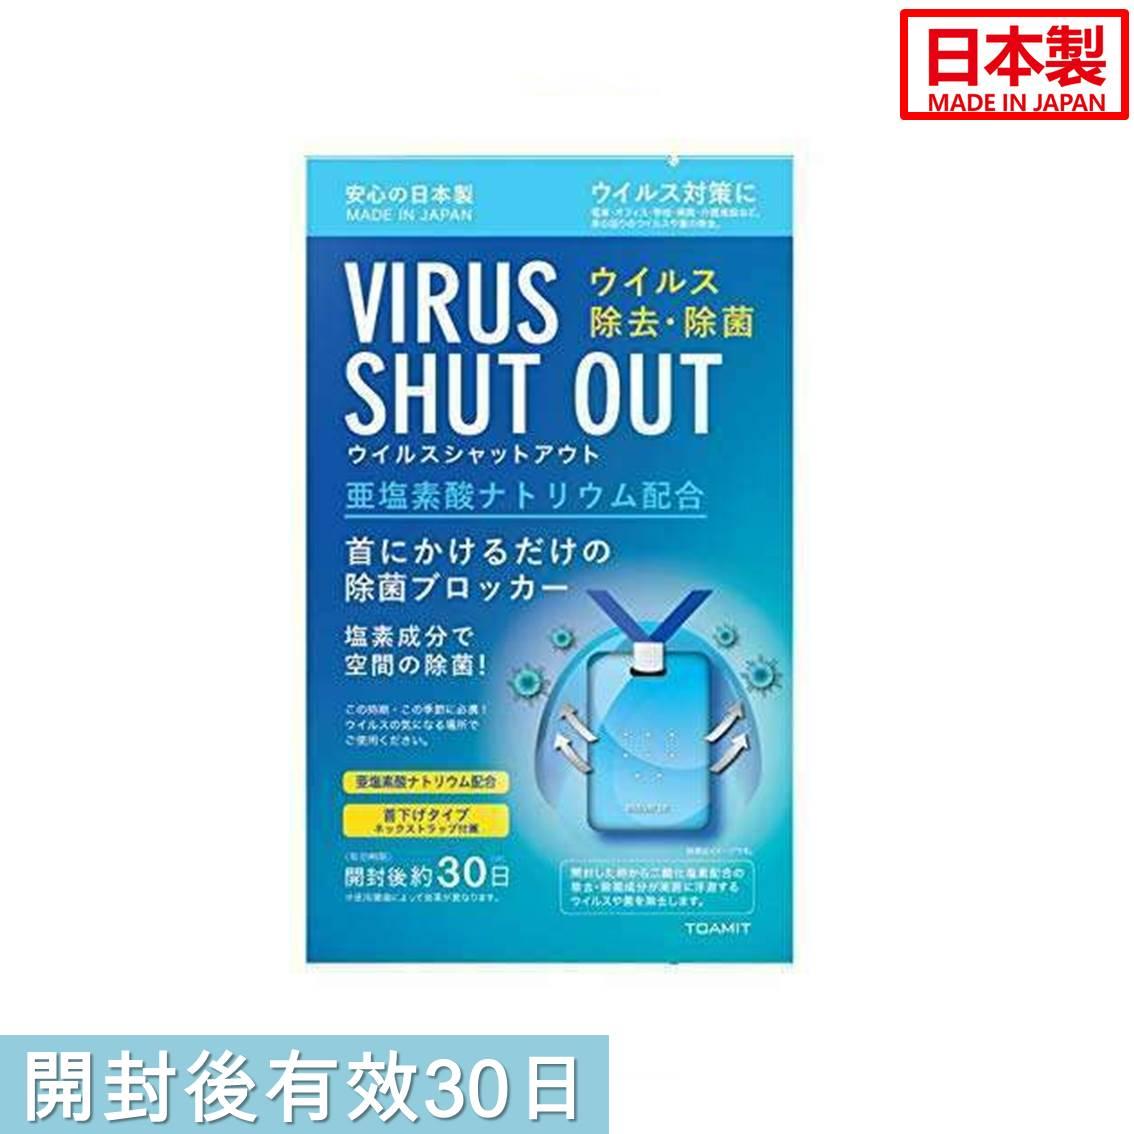 Toa IndustryVirus Shutout 隨身抗菌消毒卡